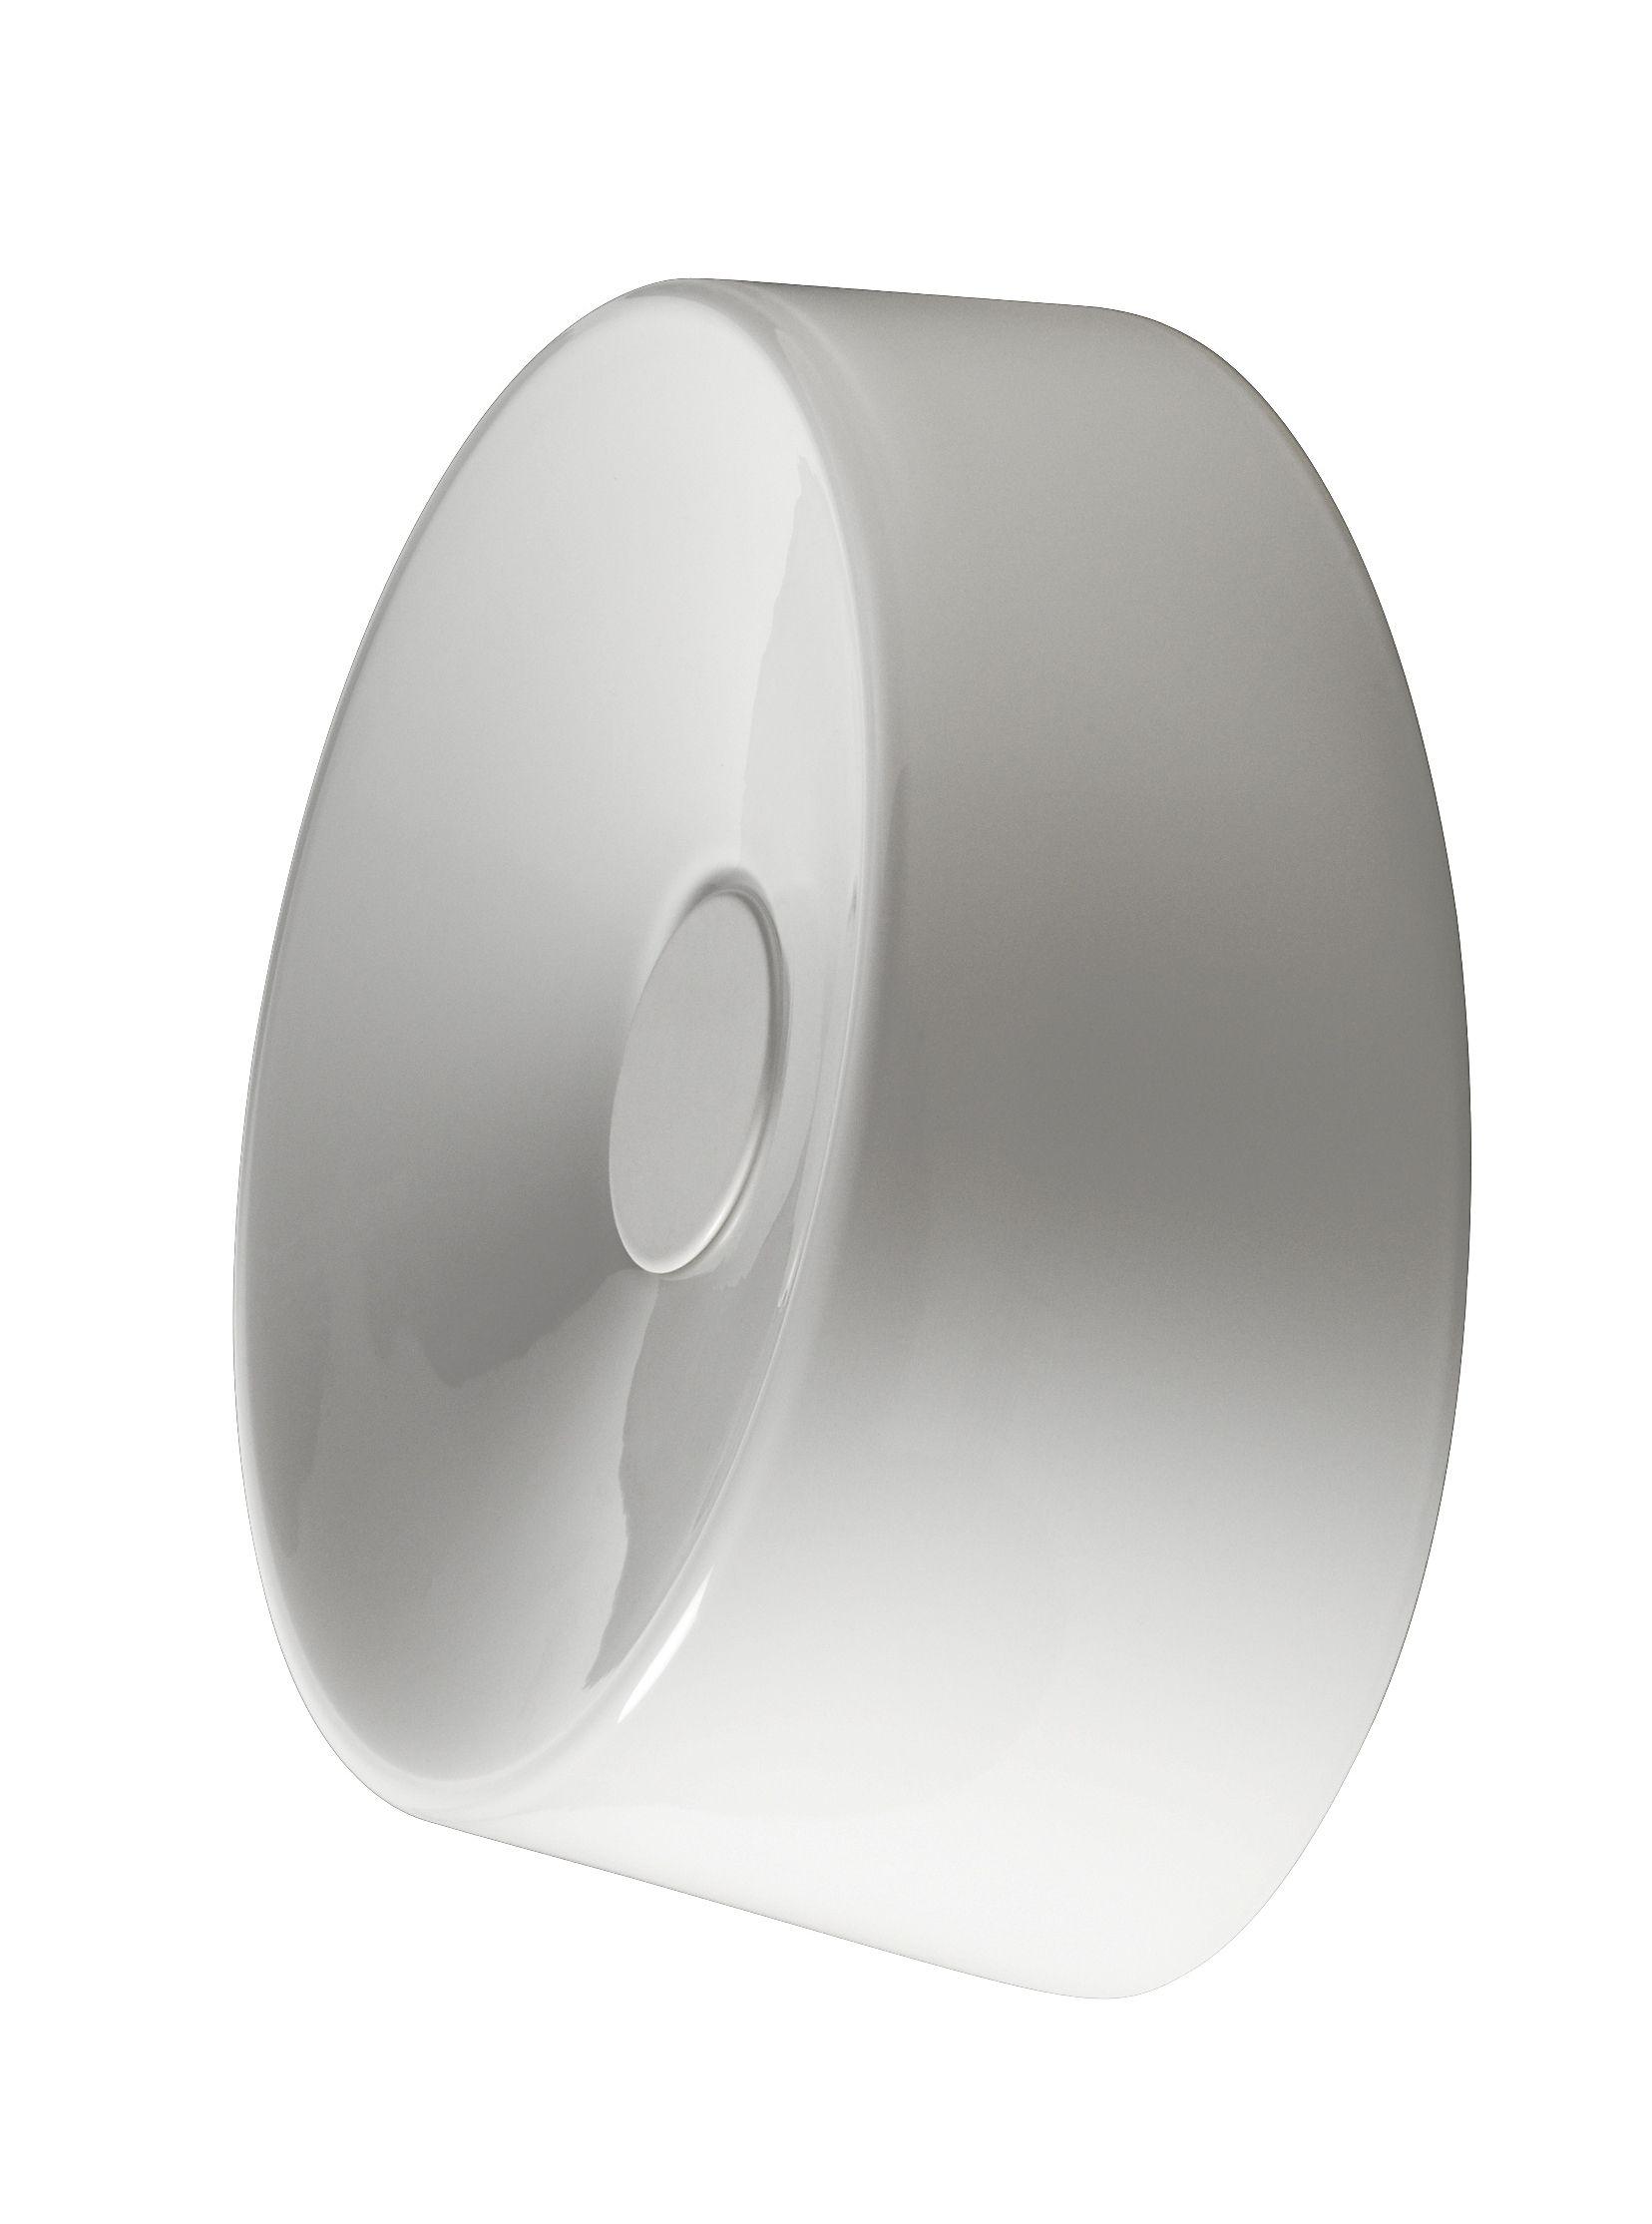 Leuchten - Wandleuchten - Lumiere XXS Wandleuchte Deckenleuchte - Foscarini - Weiß - XXS - geblasenes Glas